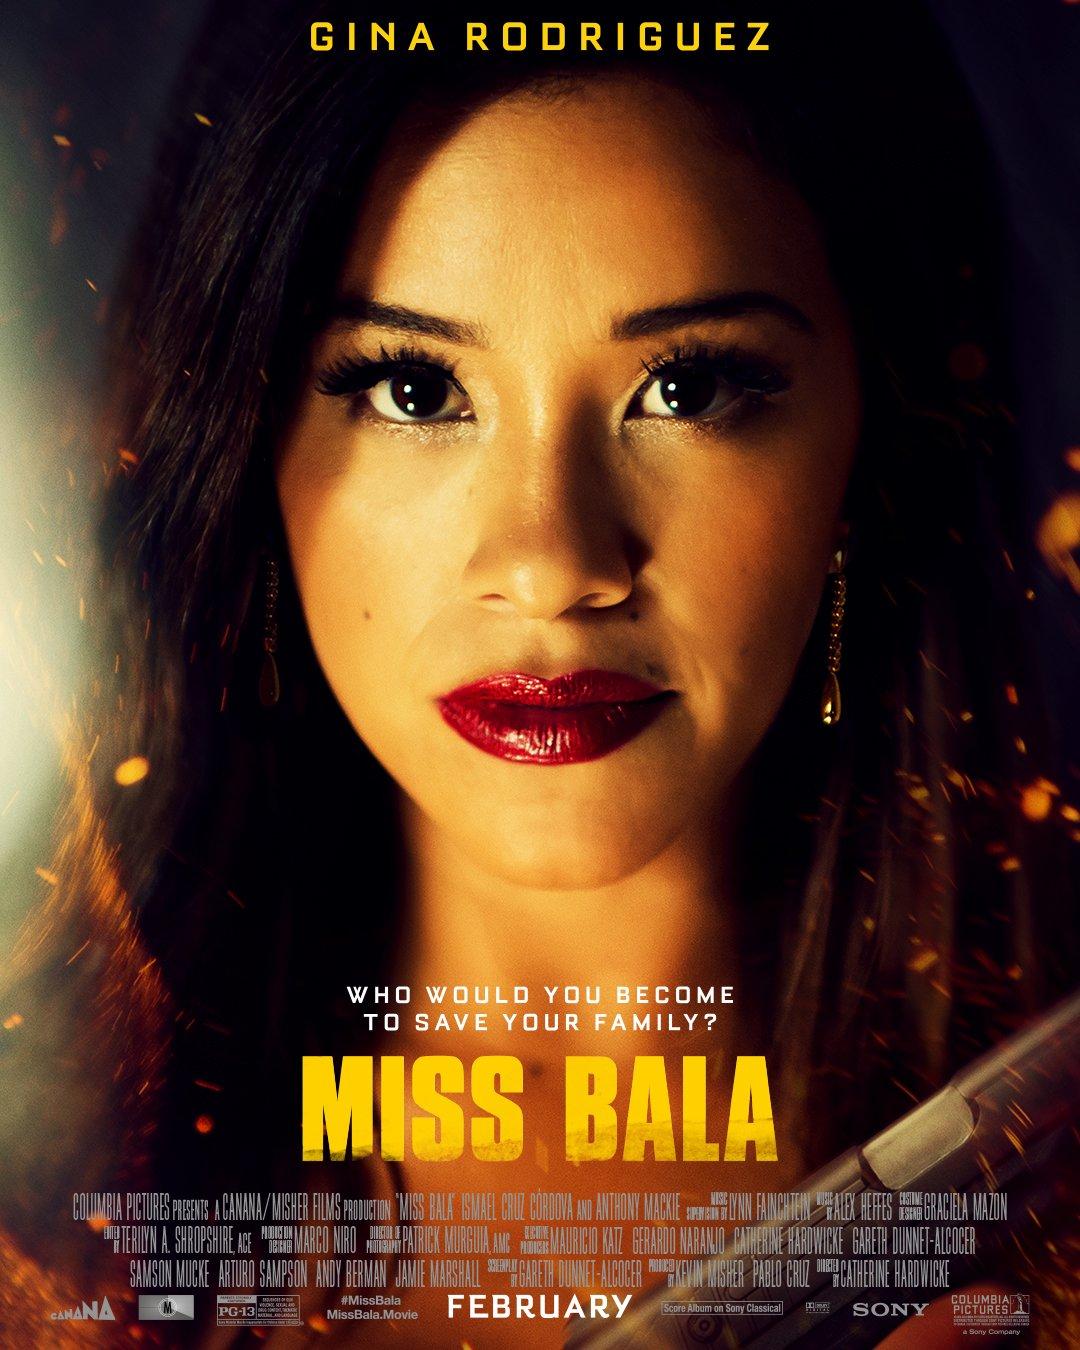 Miss Bala 2019 Full Movie Free Online 与过往《X战警》系列电影不同的是,这部《X战警:新变种人》的预告中充满了浓浓的暗黑风格和神秘色彩。